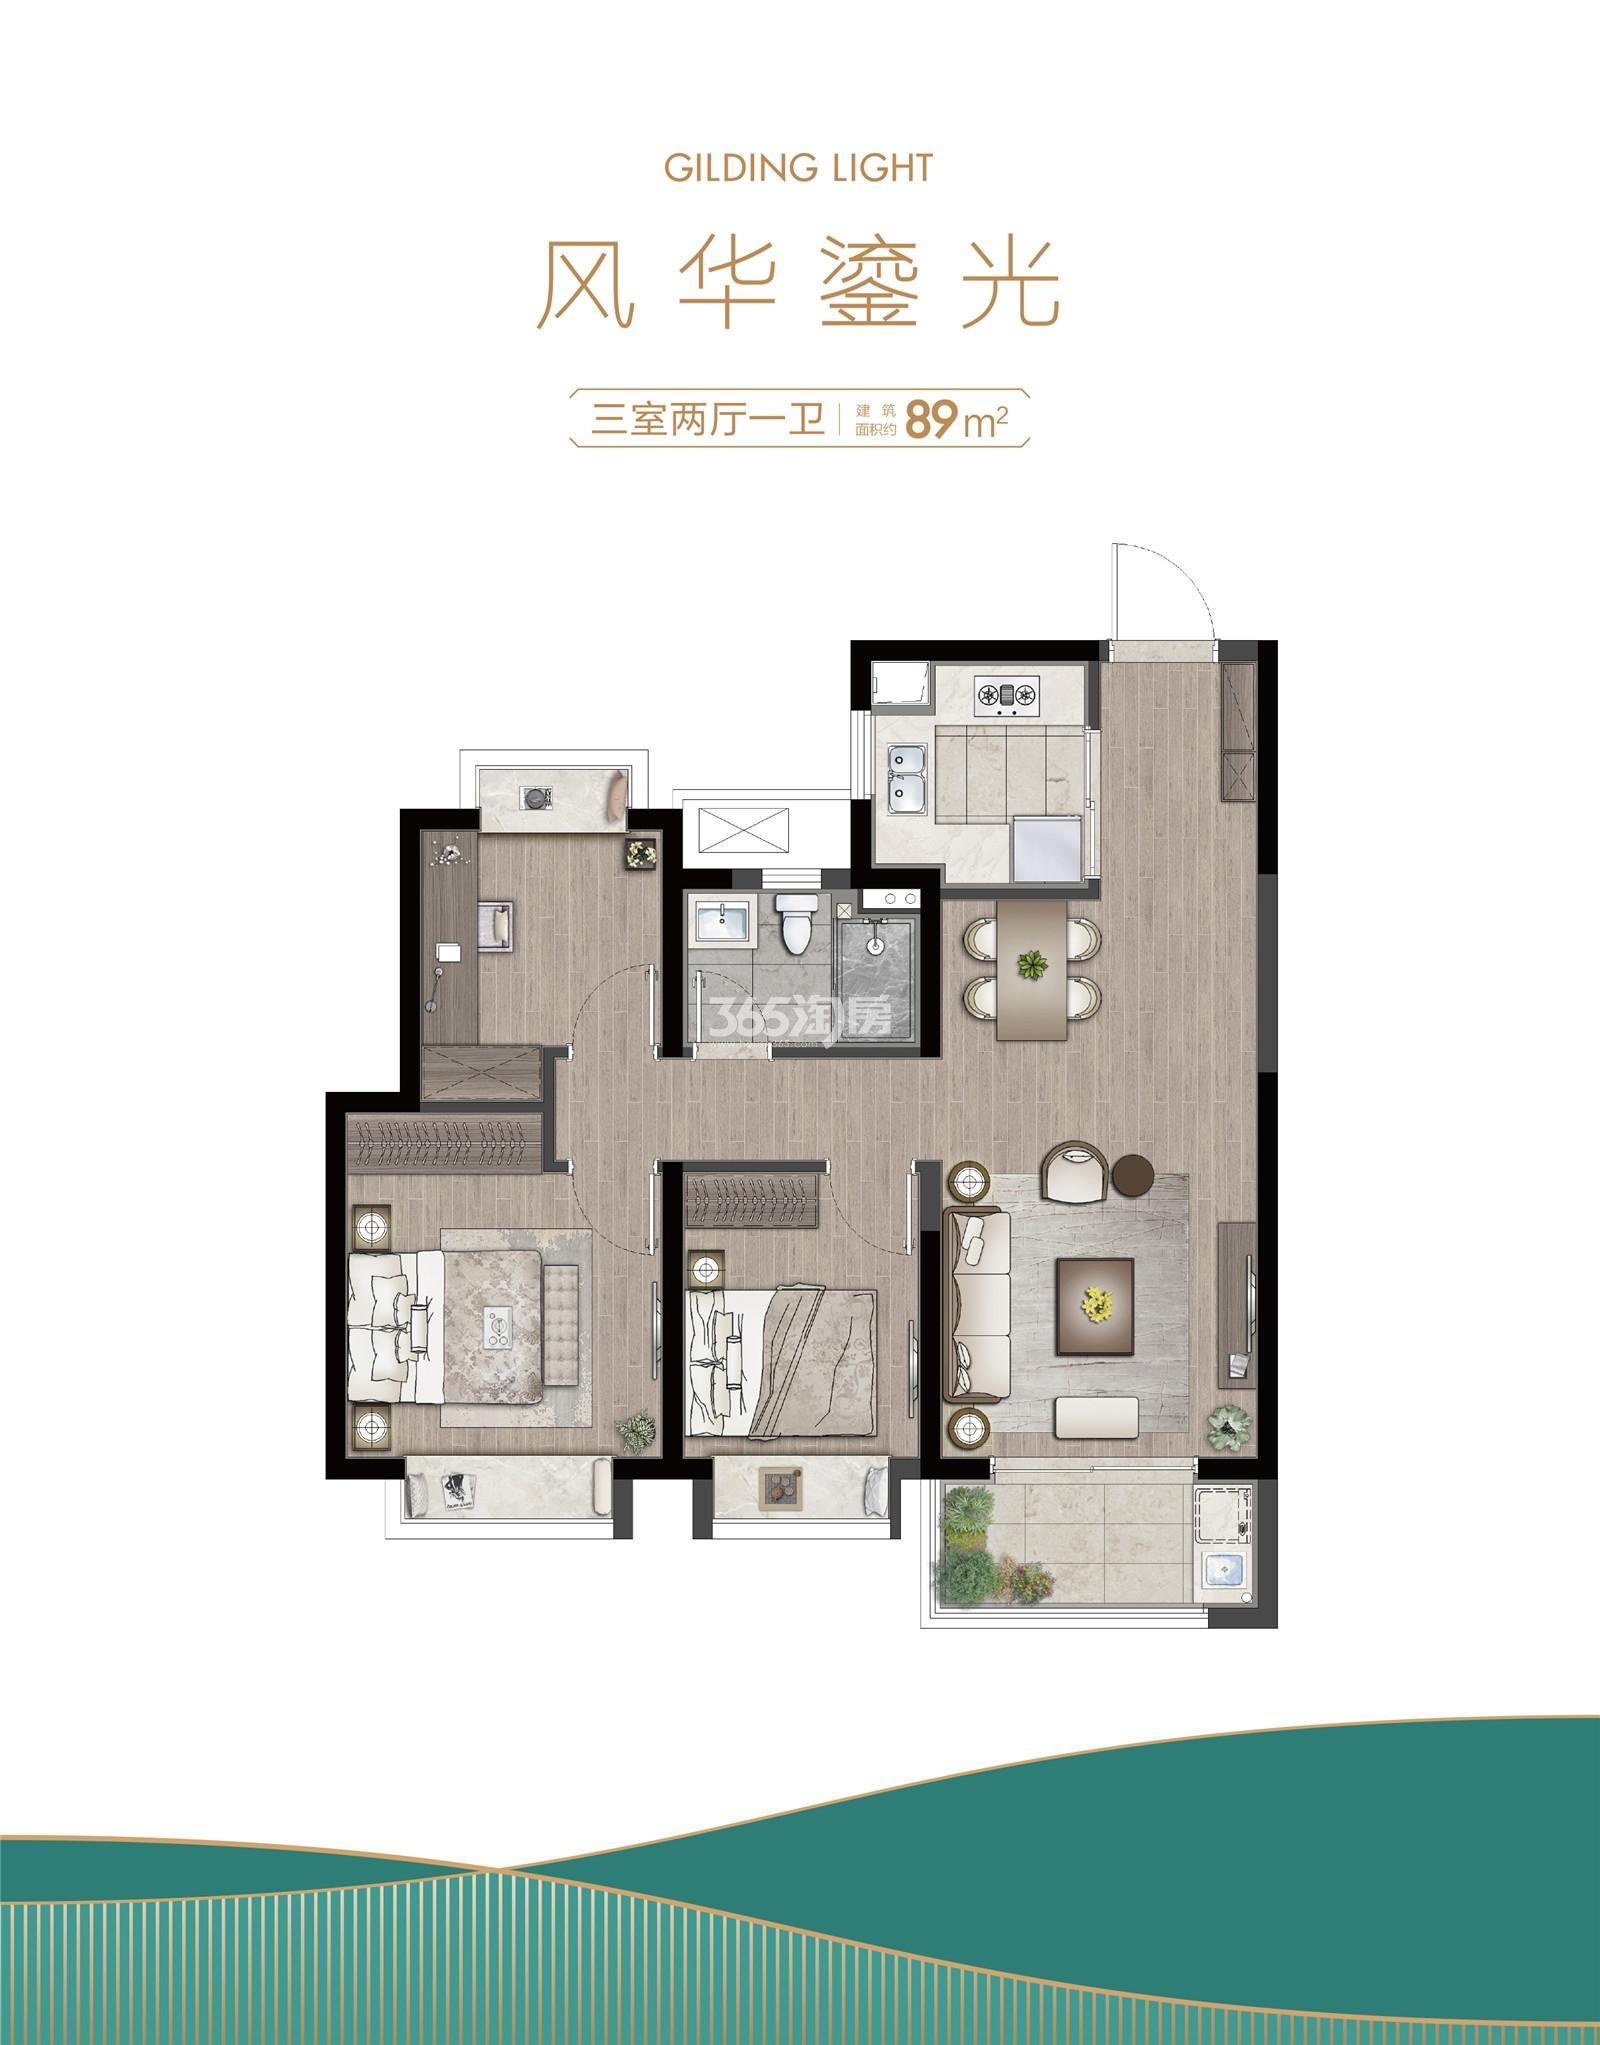 西江瑞府建筑面积约89㎡户型图